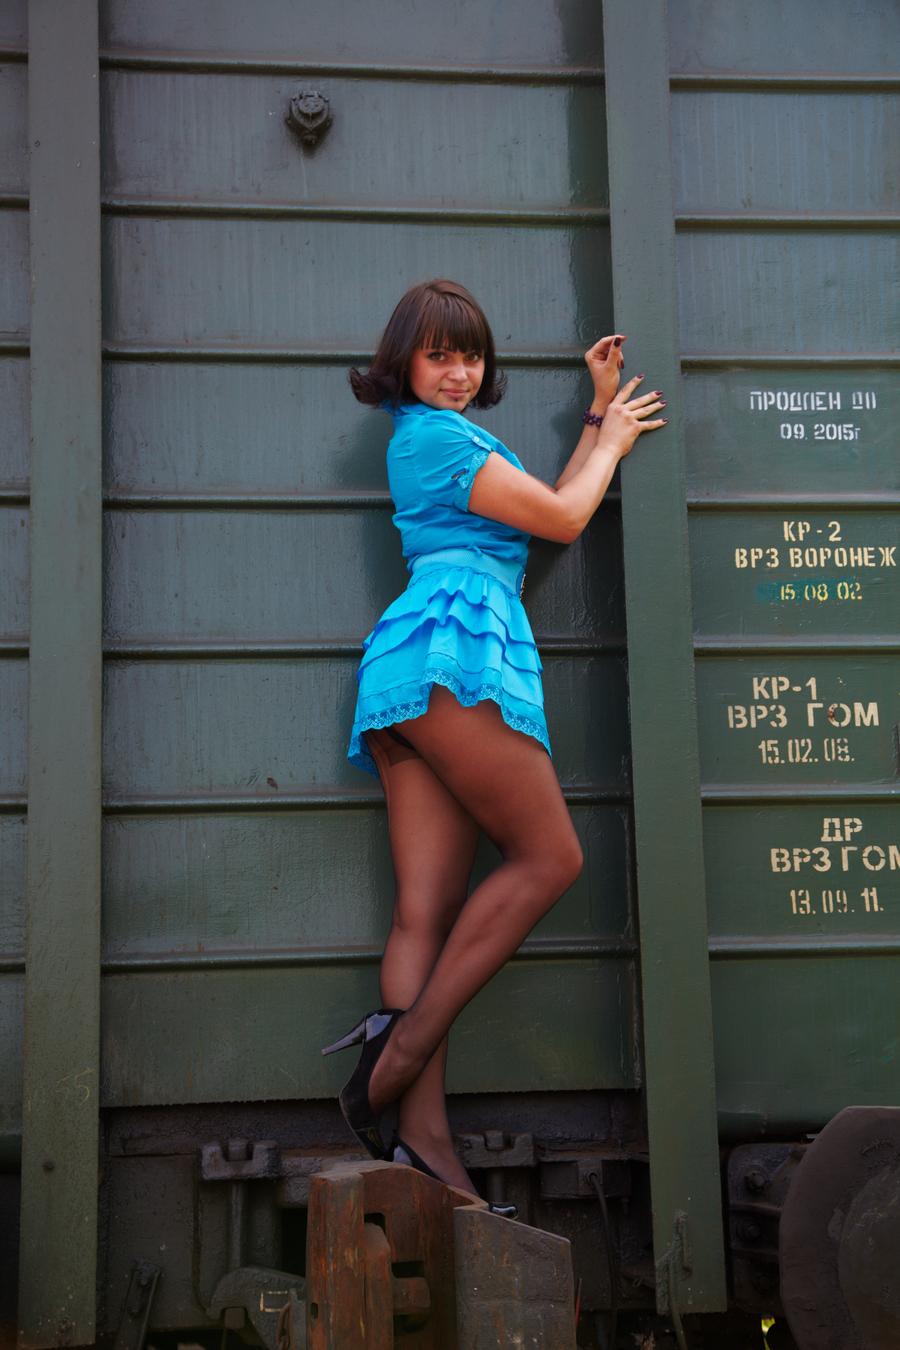 проститутки на железной дороге